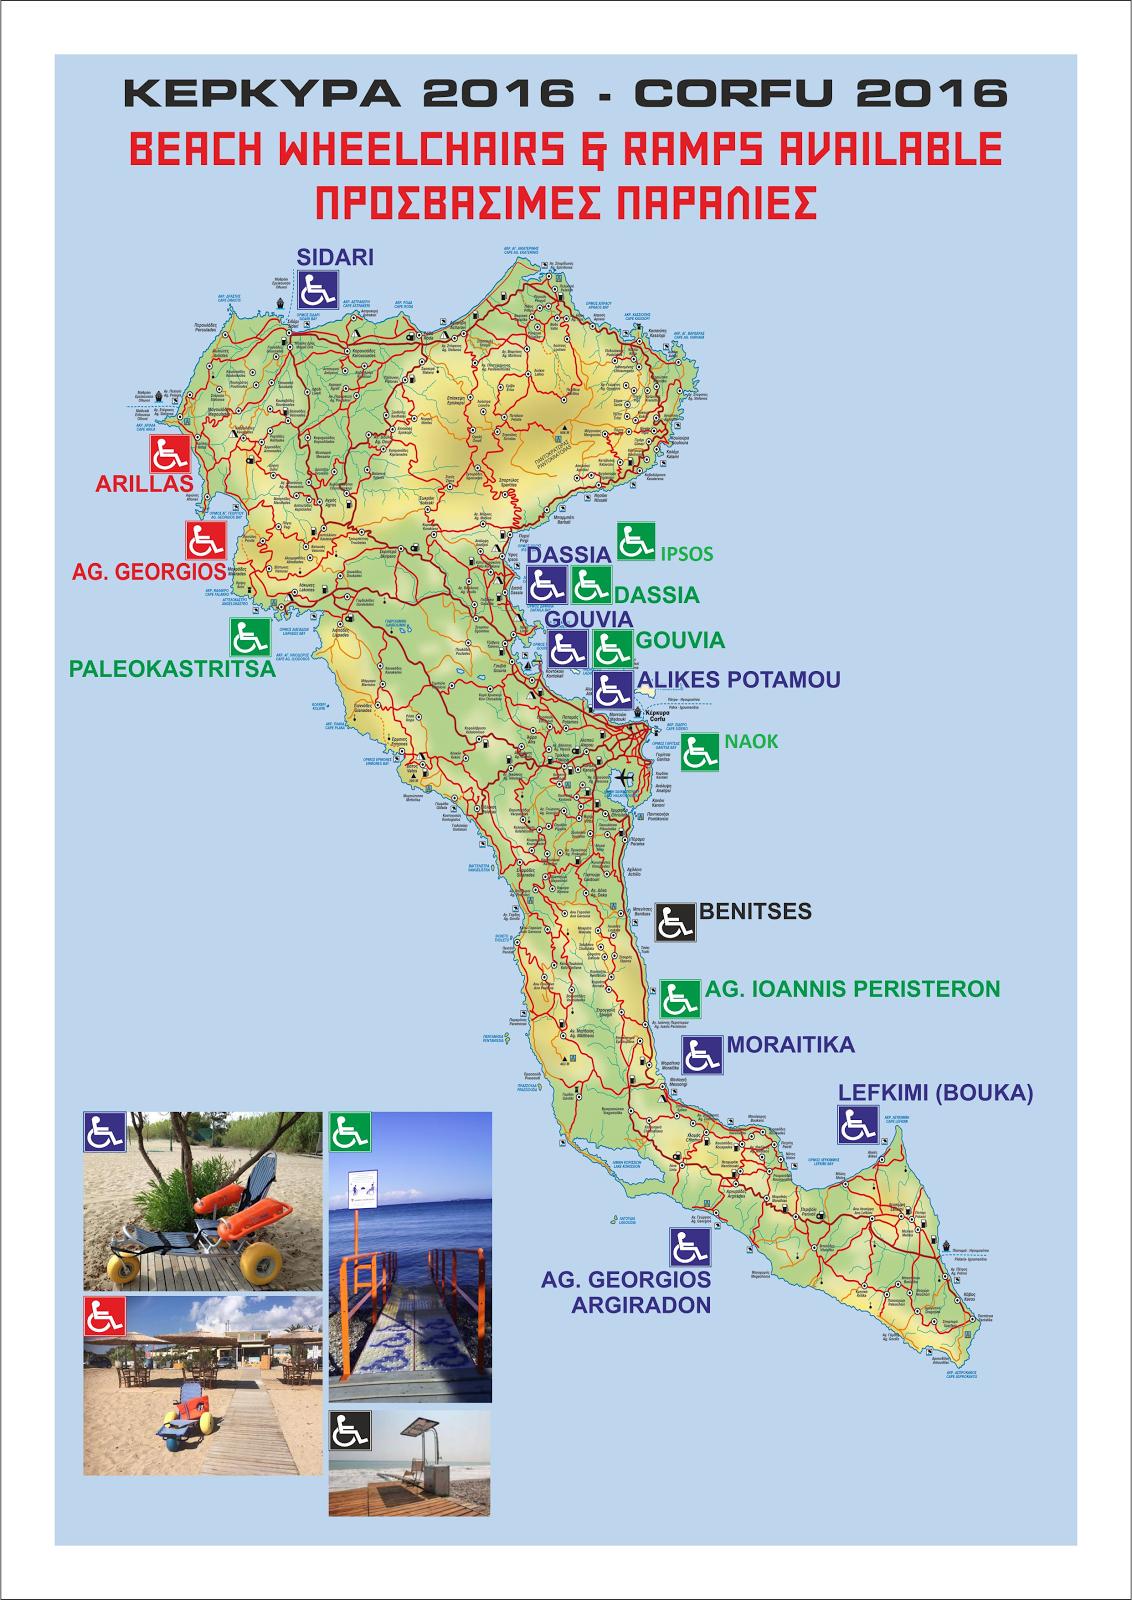 Οι προσβάσιμες παραλίες της Κέρκυρας (χάρτης)